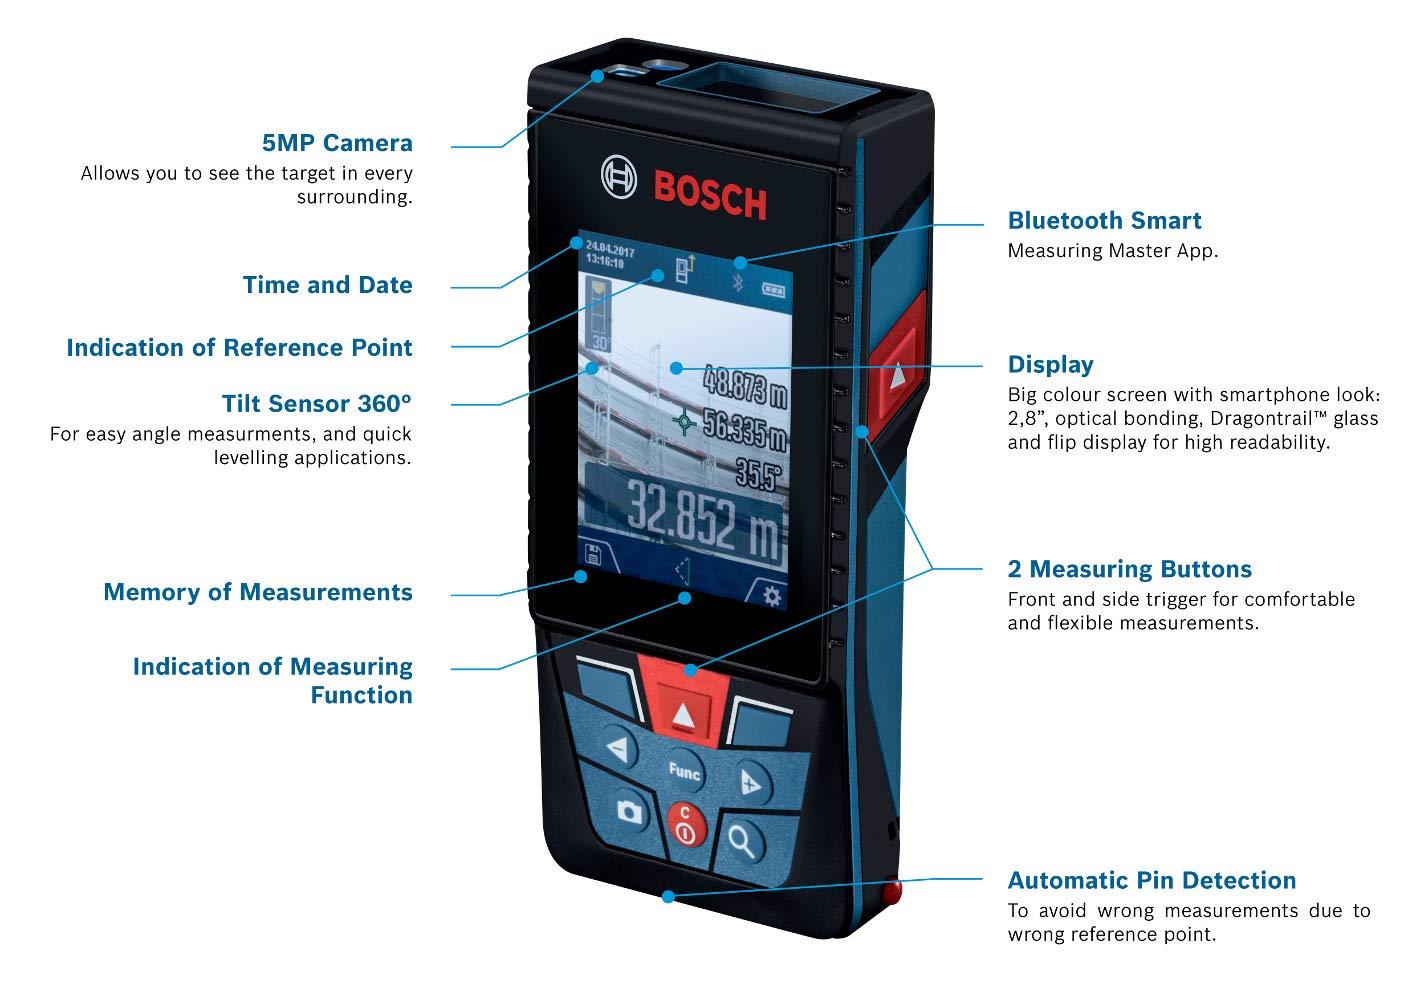 Bosch professional laser entfernungsmesser glm c app funktion